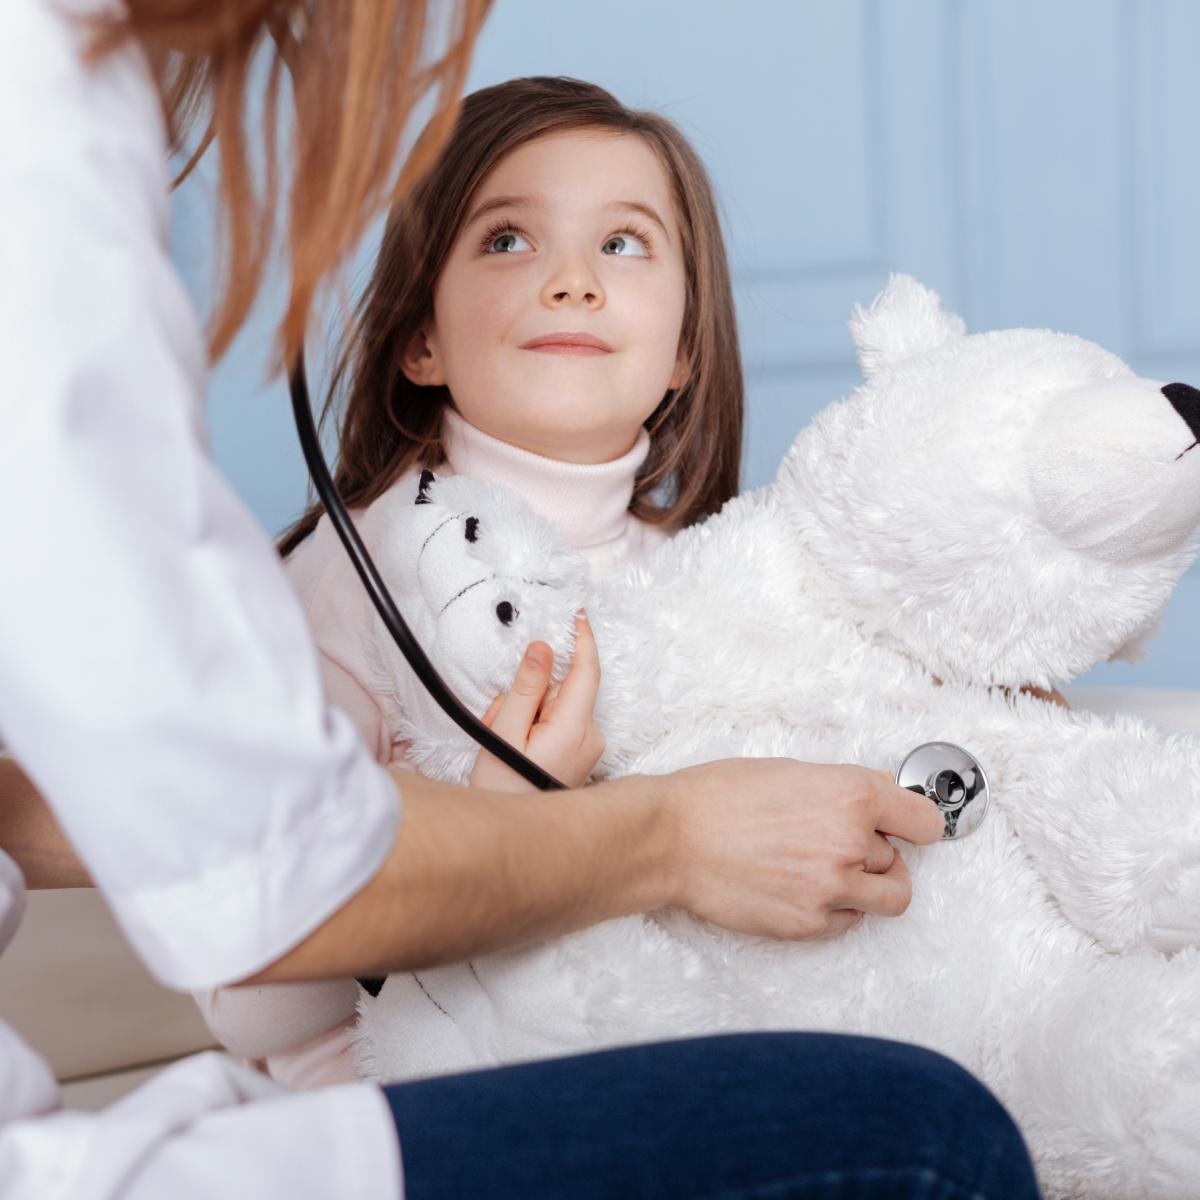 endokrynolog-dzieciecy-mikolow